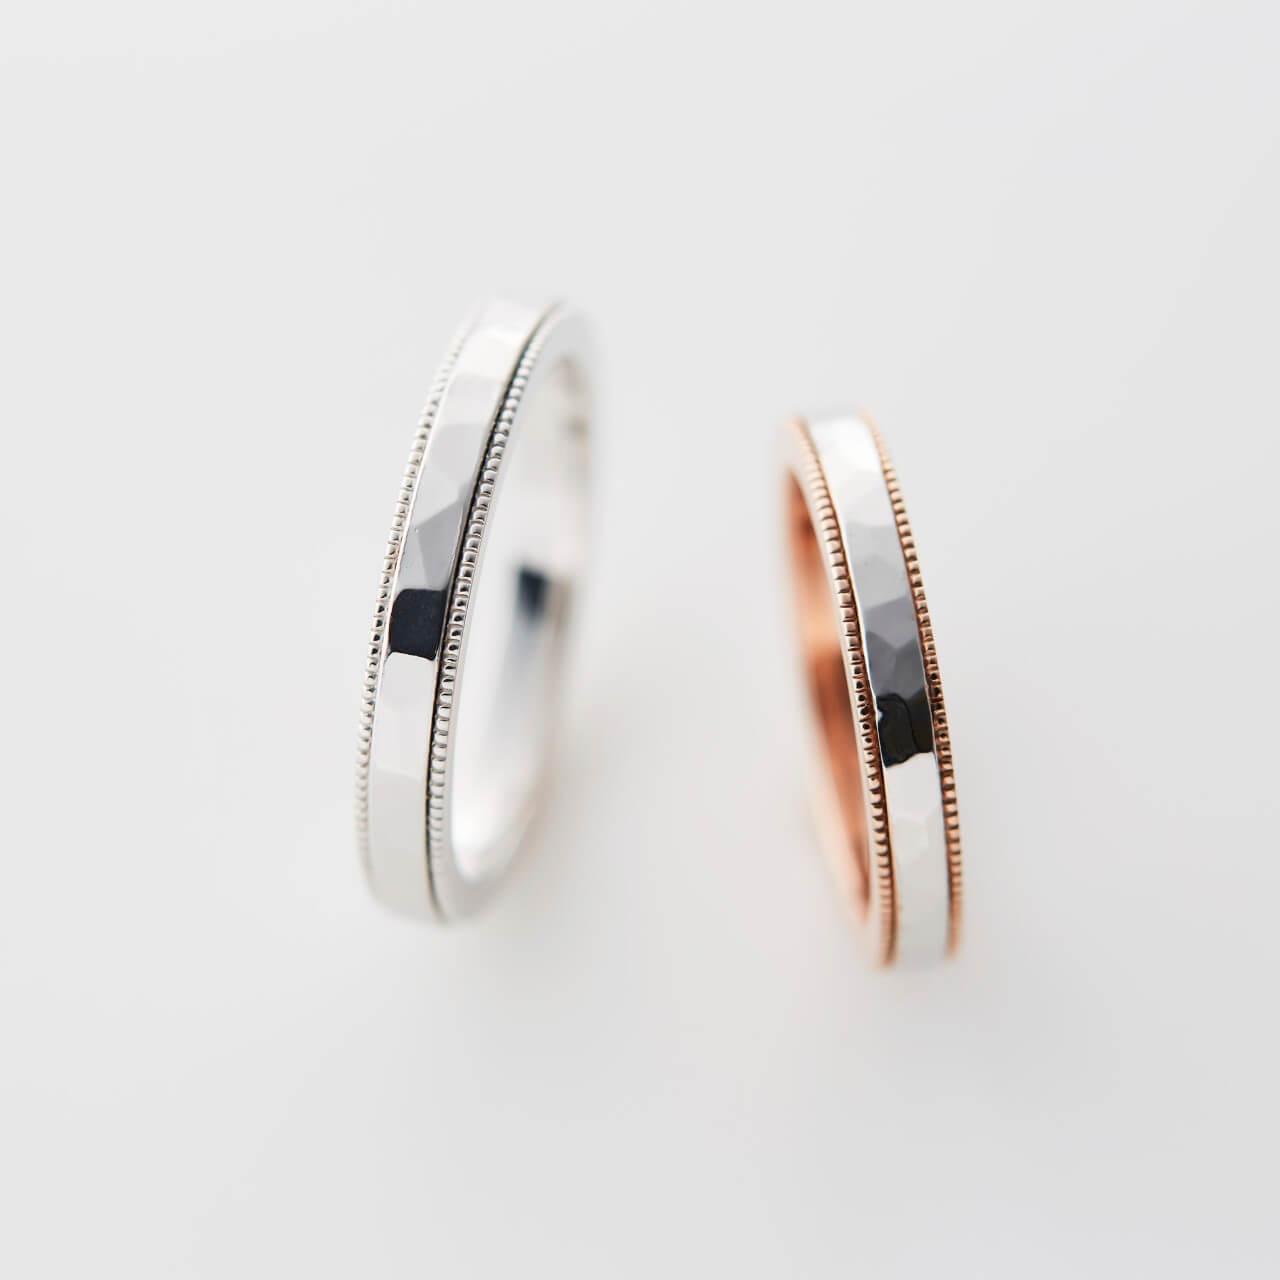 鎚目とミルグレインの結婚指輪